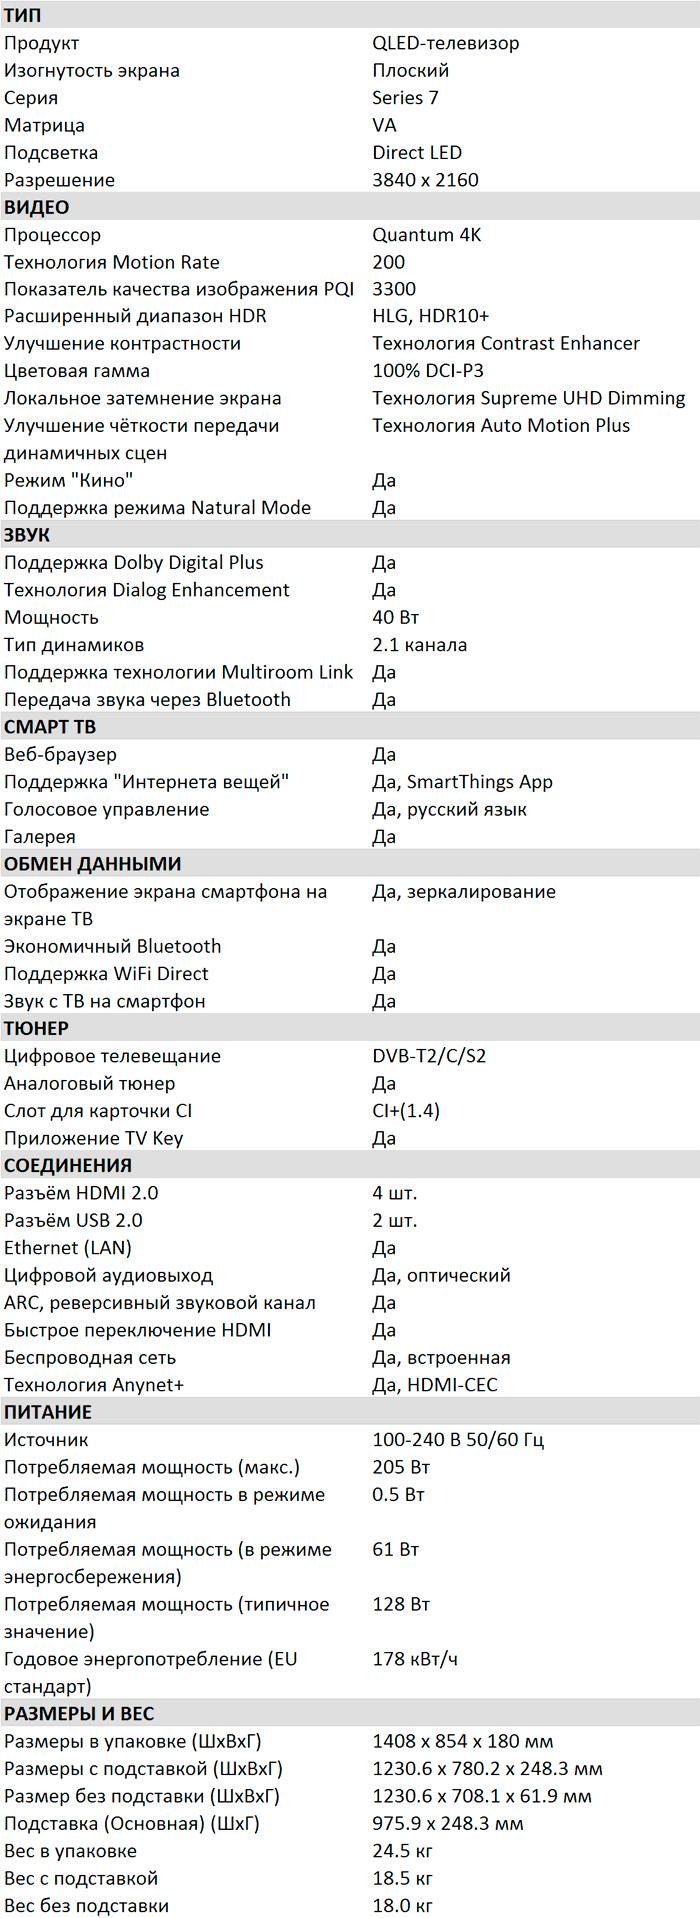 Характеристики Q77R